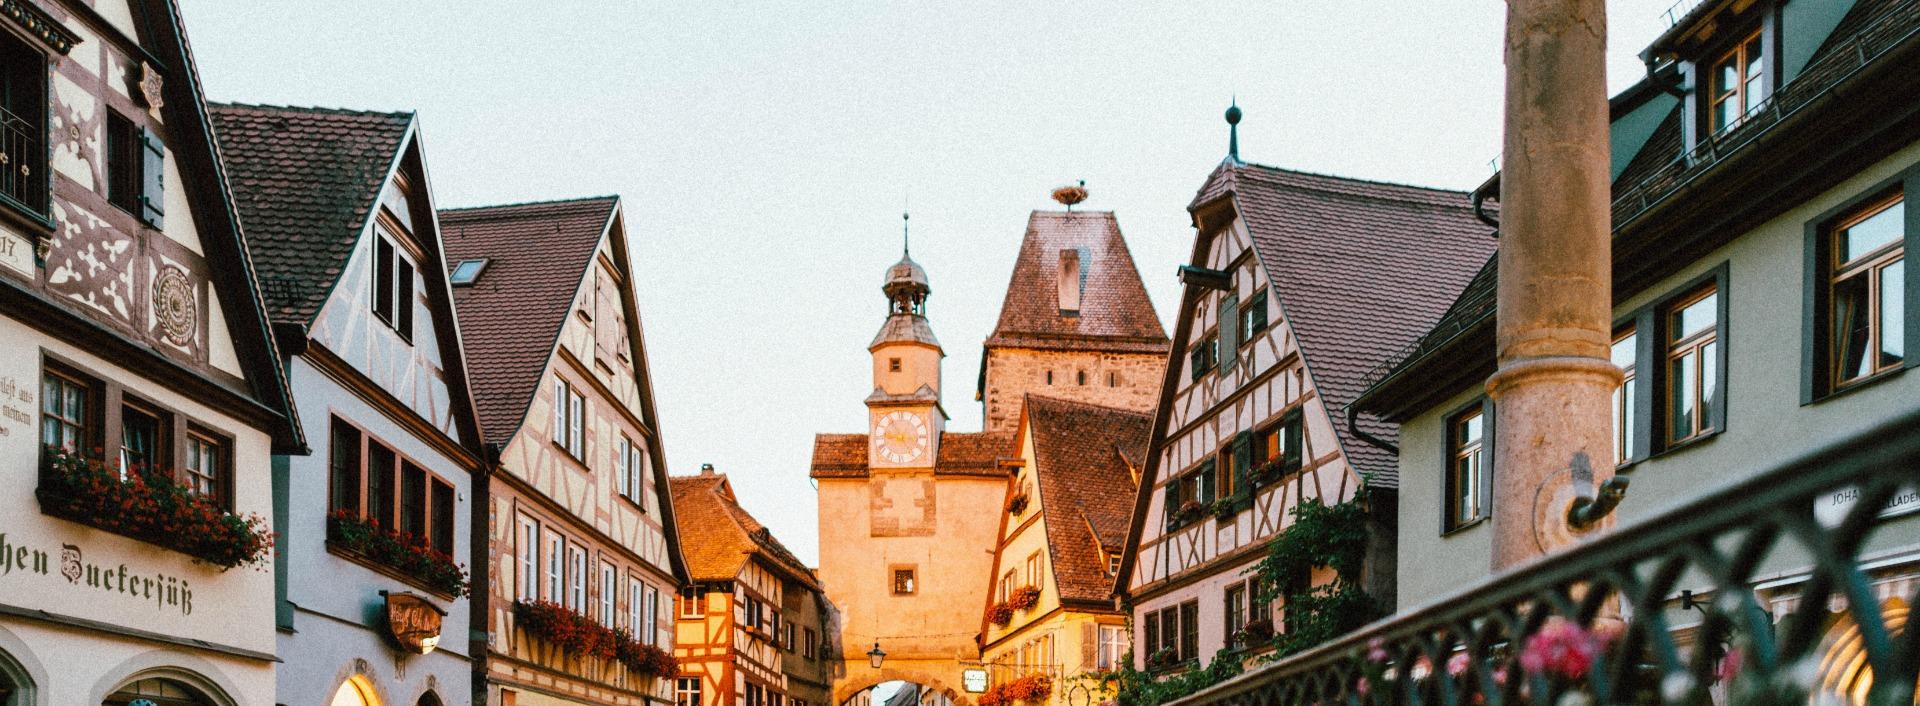 german loan words in English